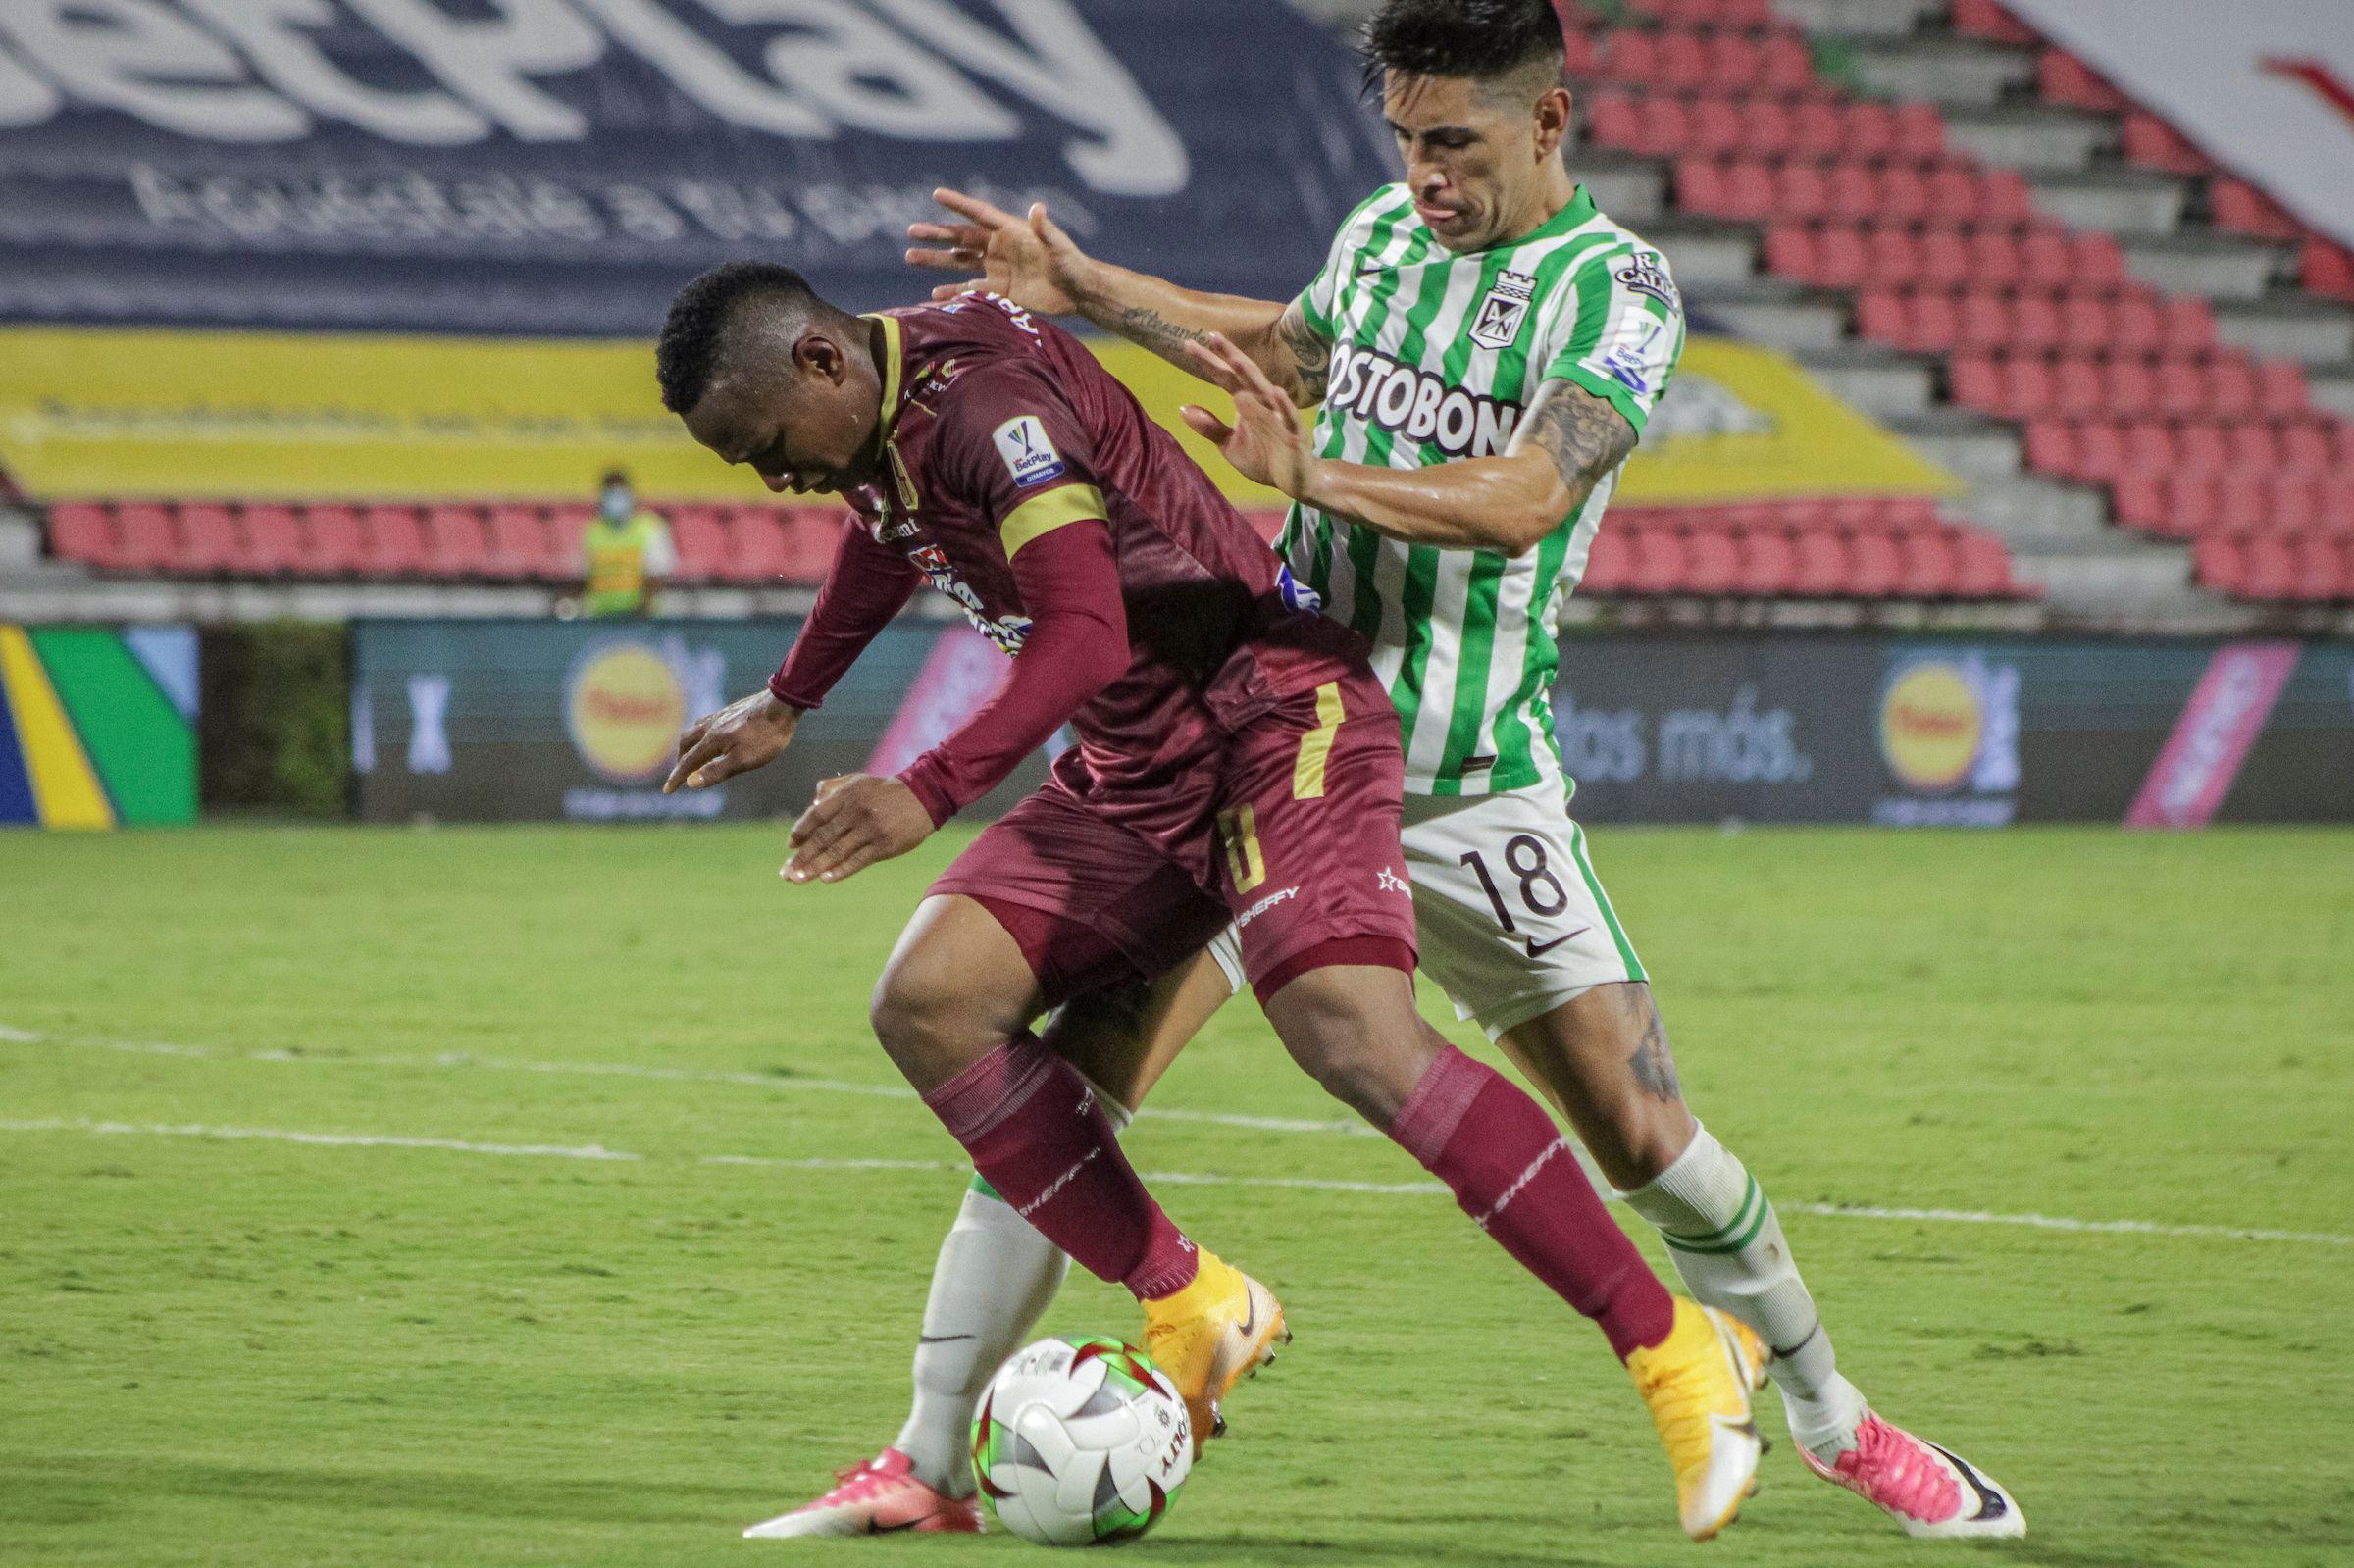 ¿Cómo está el historial de partidos entre Atlético Nacional y Deportes Tolima?